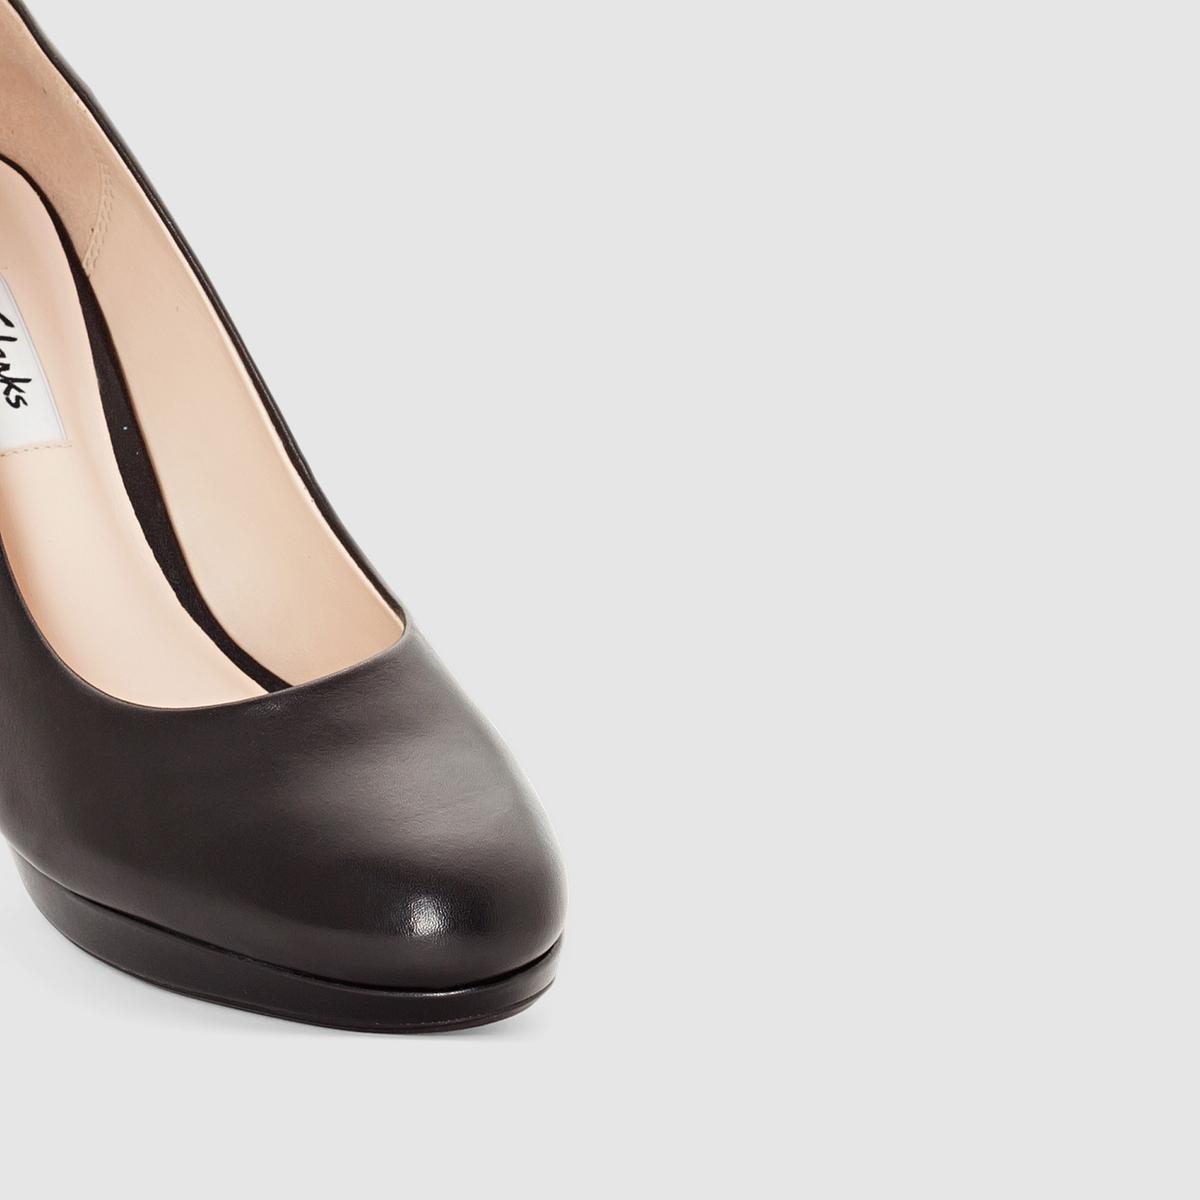 Imagen secundaria de producto de Zapatos de tacón de piel de charol Kendra Sienna - Clarks